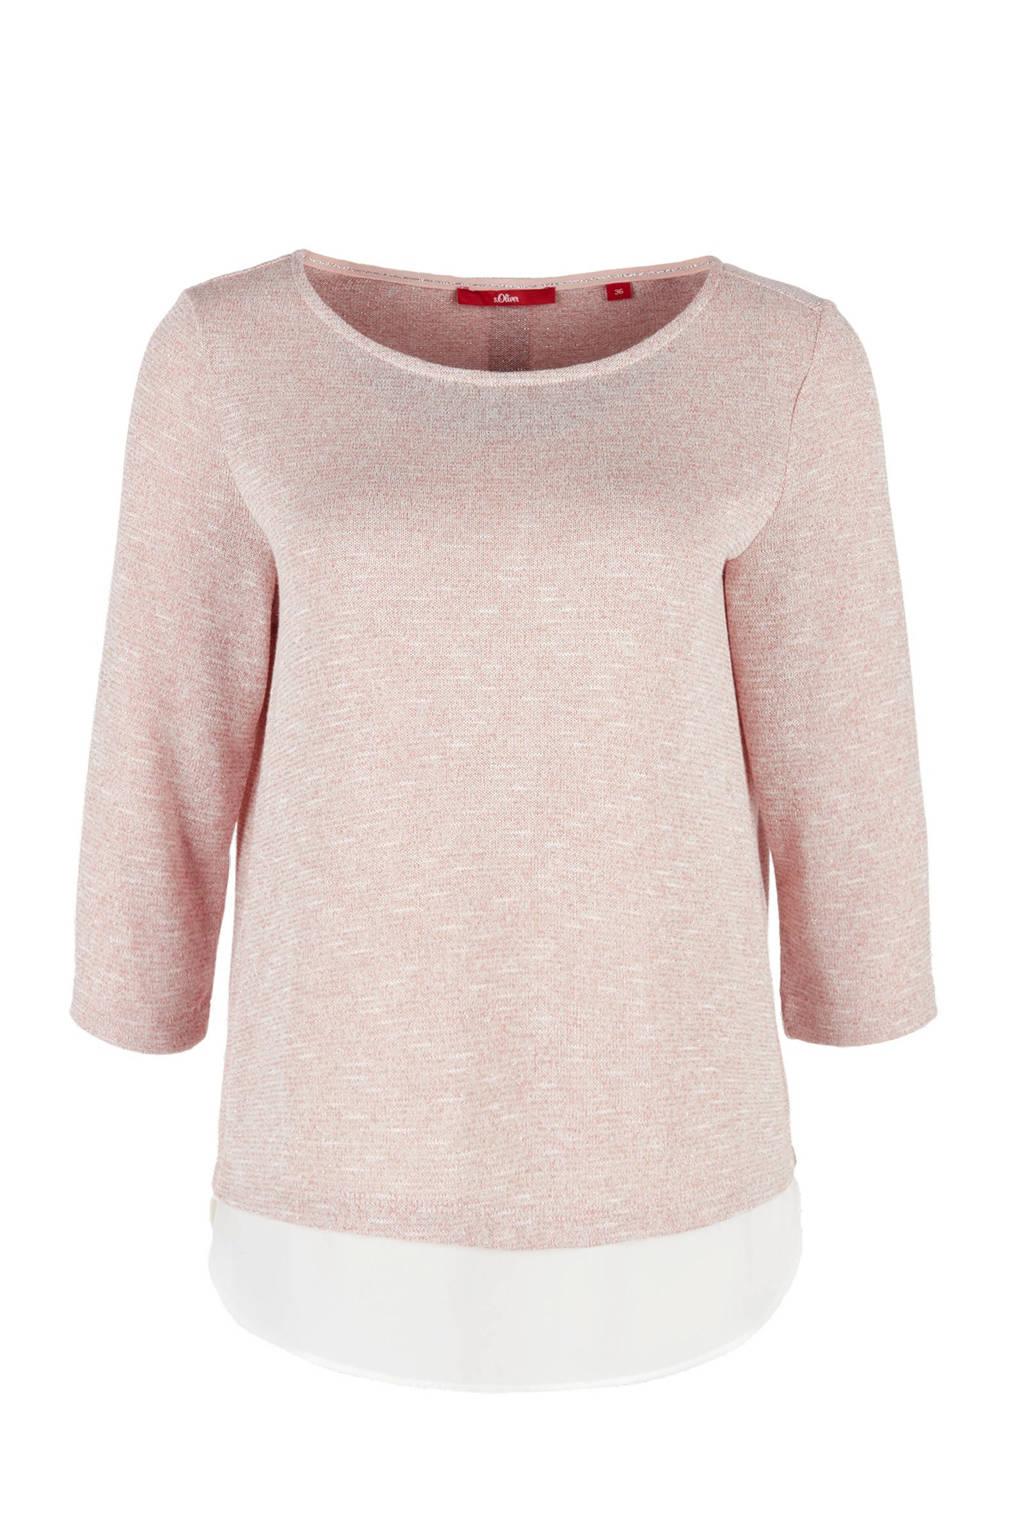 s.Oliver gemêleerde trui met blousezoom roze, Lichtroze melange/ Ecru